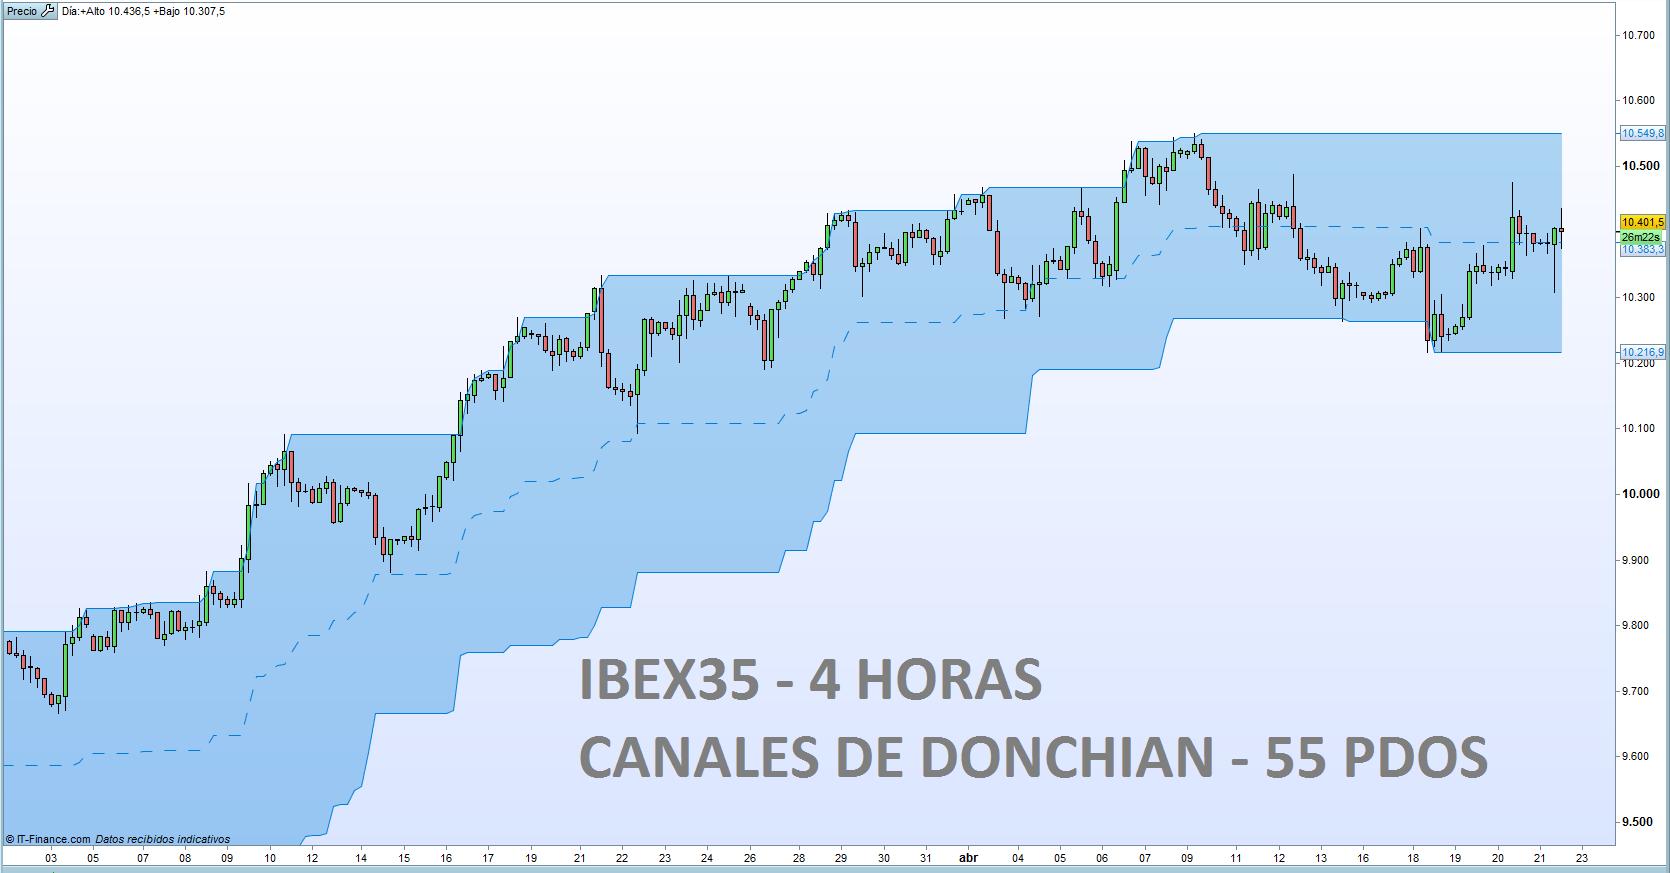 El IBEX35 recupera y busca estabilidad en 10.400 puntos